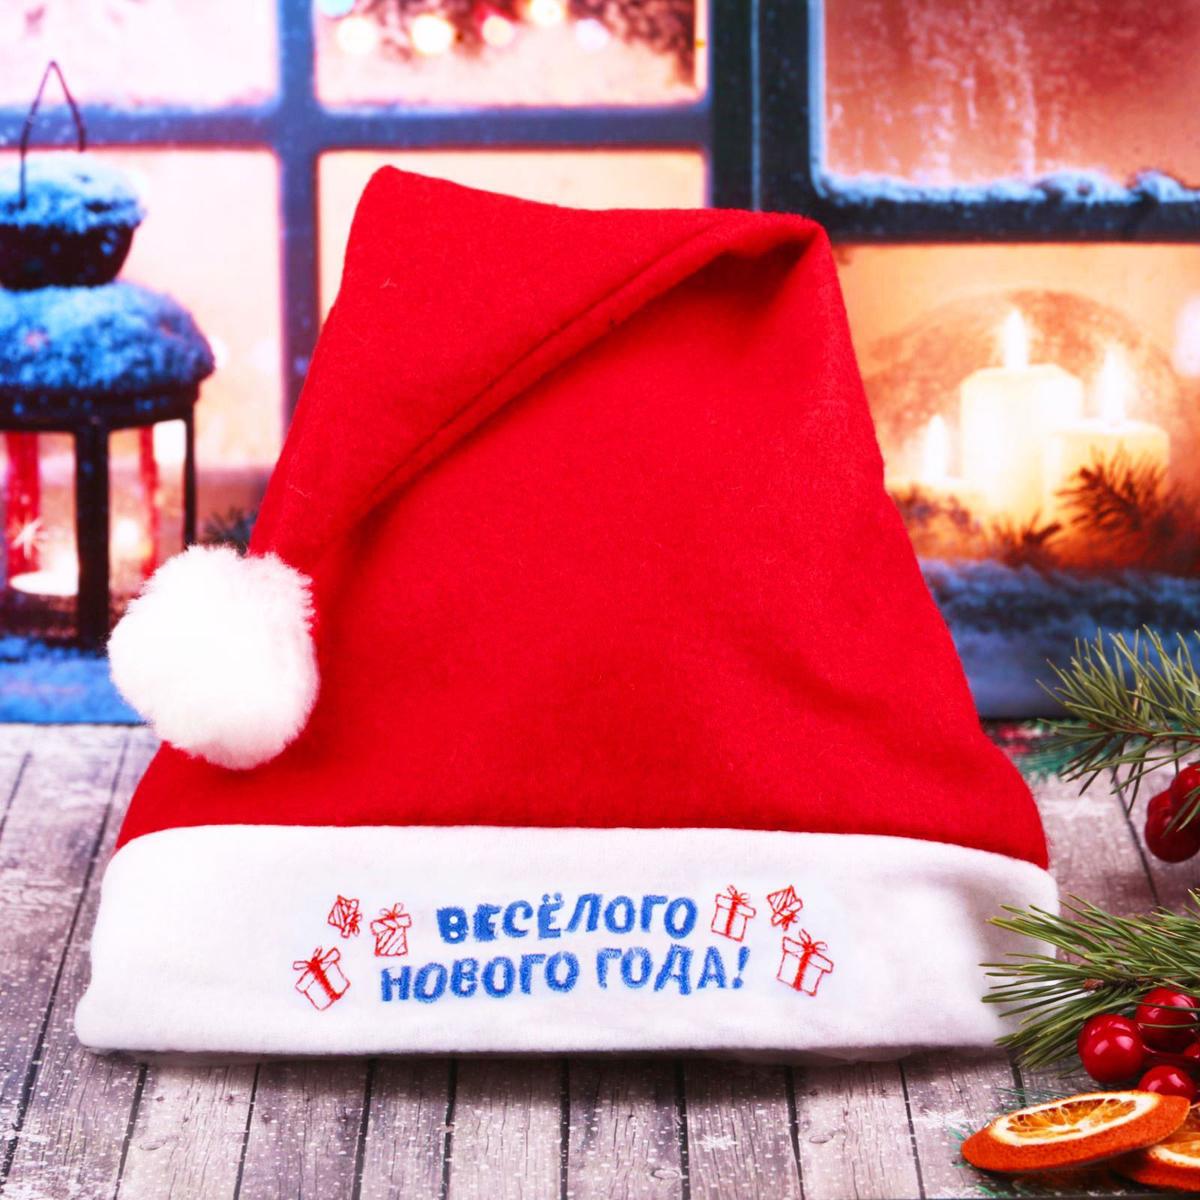 Колпак Веселого Нового года!, 41 х 27 см2268092Колпак — традиционный новогодний головной убор, который дополнит любой праздничный костюм. Будет это корпоративная вечеринка, утренник в школе или отдых в компании друзей — изделие поднимет настроение, где бы вы ни находились. Колпачок подойдет тем, кто собирается отмечать зимний праздник в помещении. В противном случае его следует надеть на теплую шапку, чтобы не простудиться.